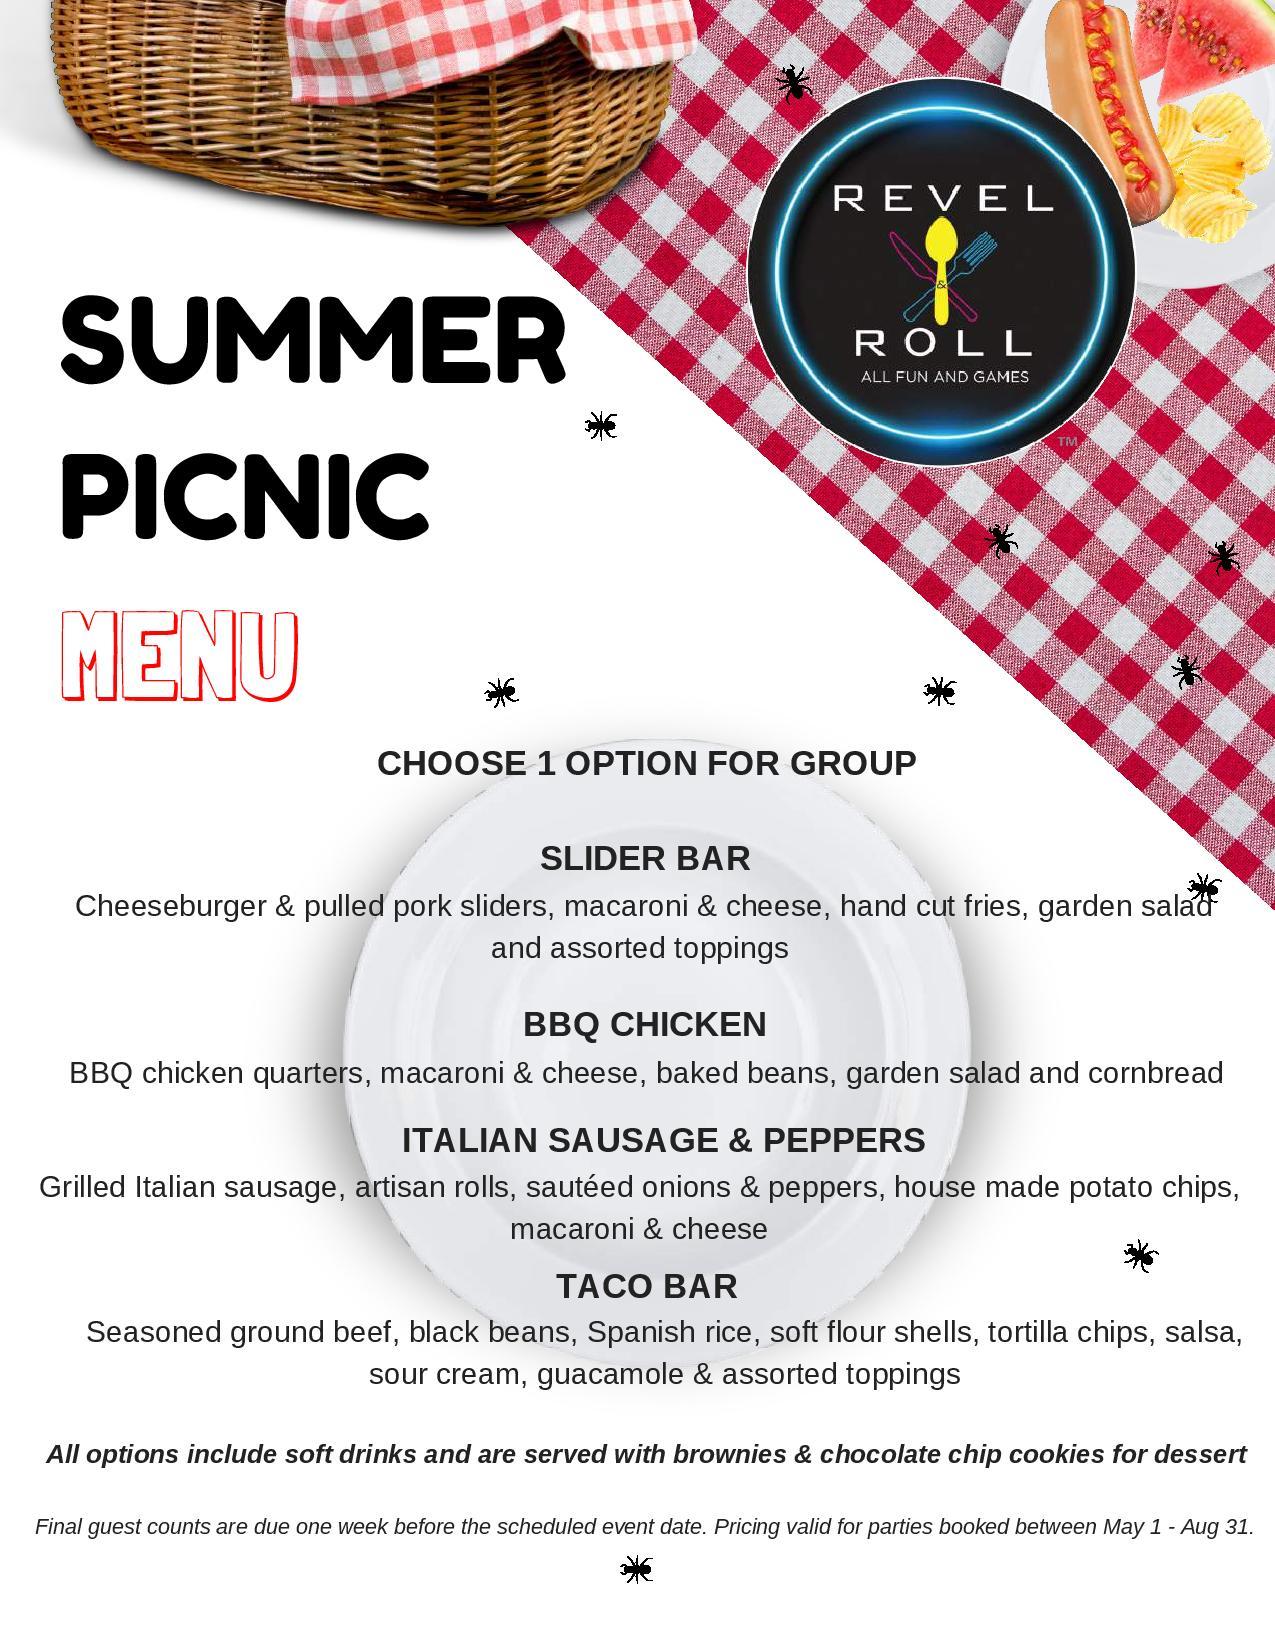 Summer Picnic Menu 2019-page-001.jpg